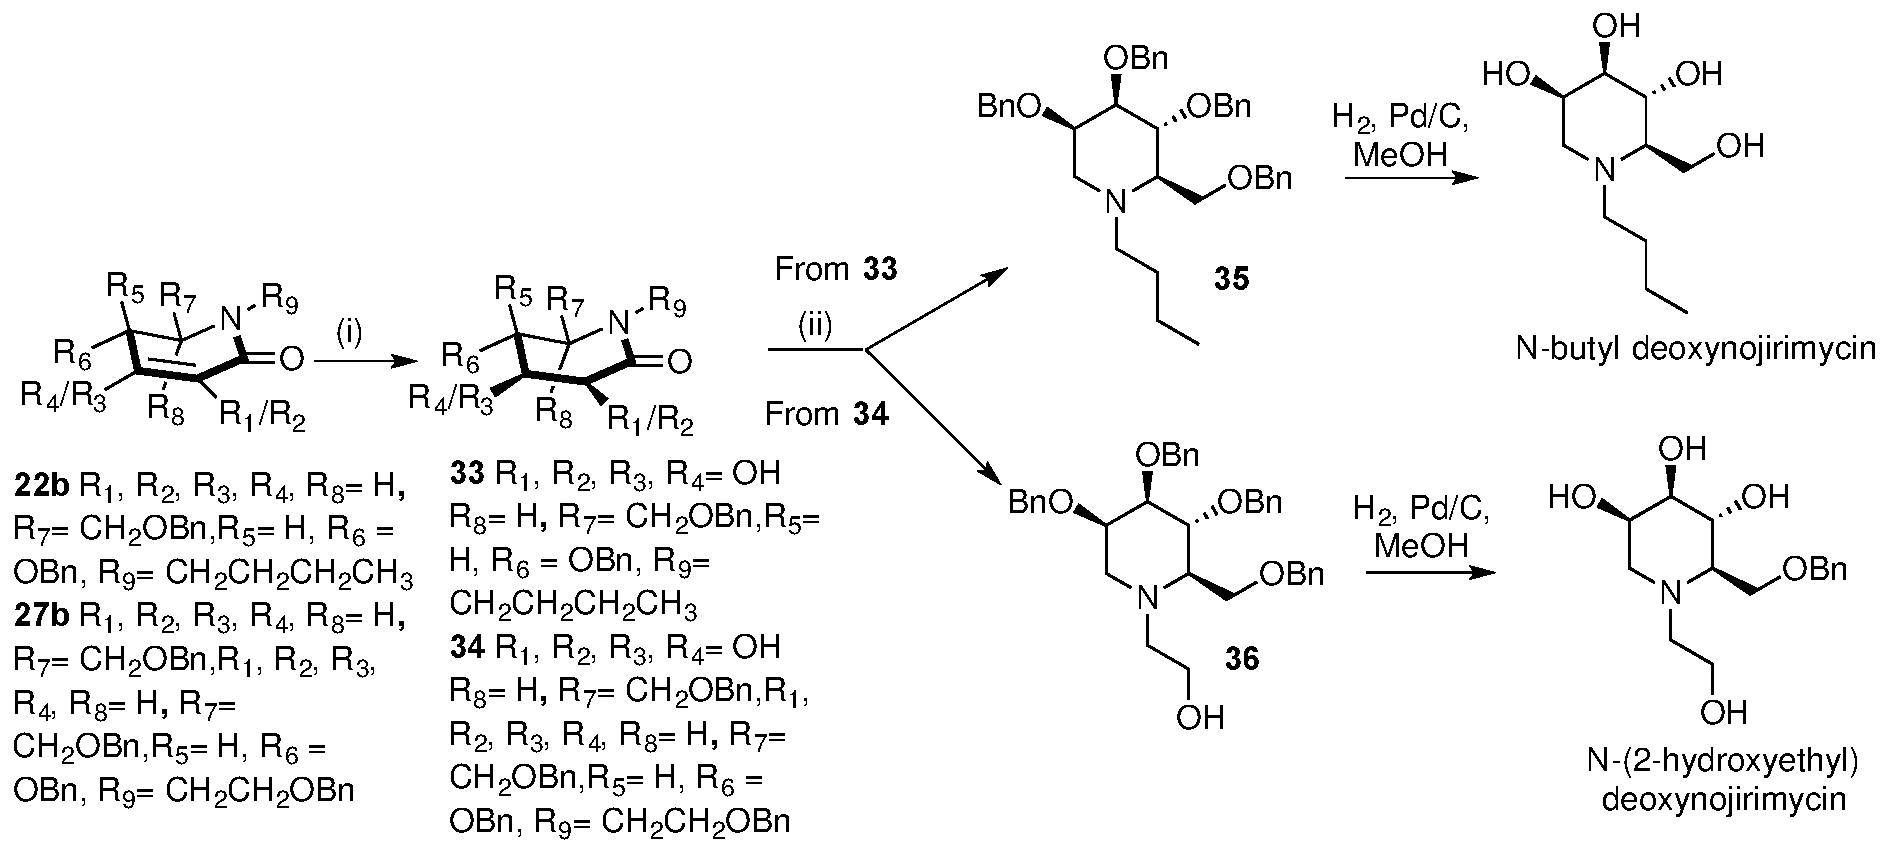 WO2017191657A1 - Glycolactam compounds, process for